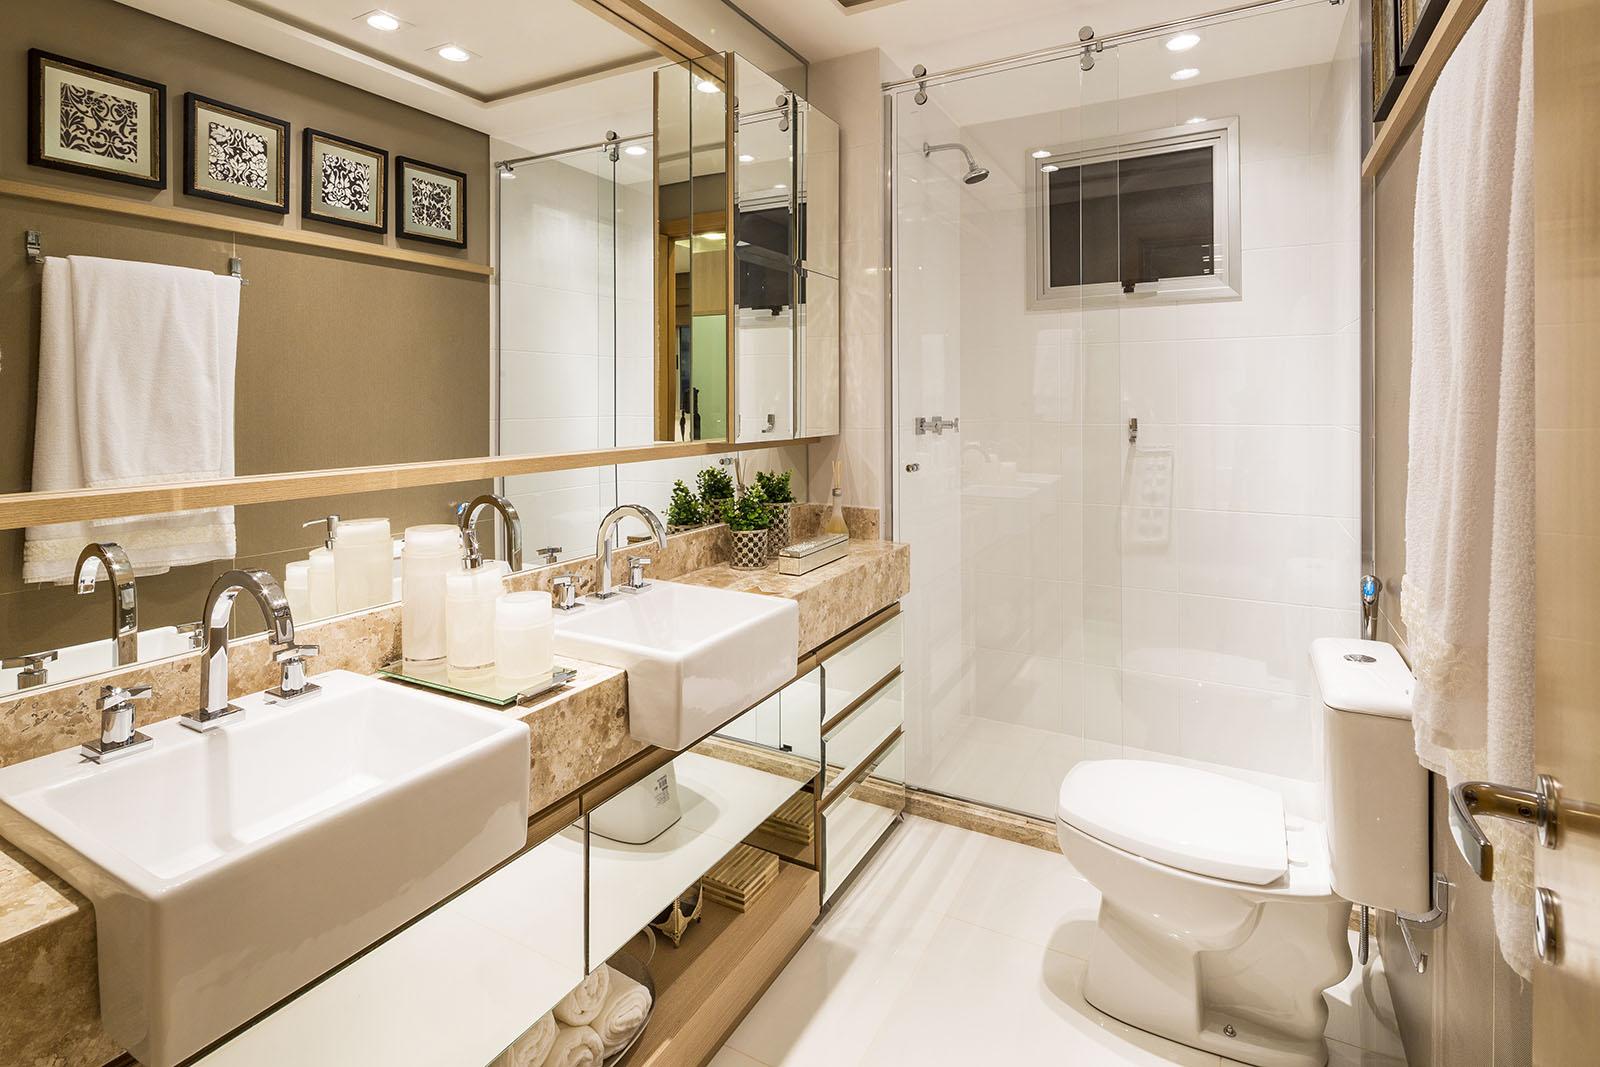 Construindo Minha Casa Clean 10 Banheiros Modernos com Armários Espelhados!  -> Banheiros Modernos Atuais